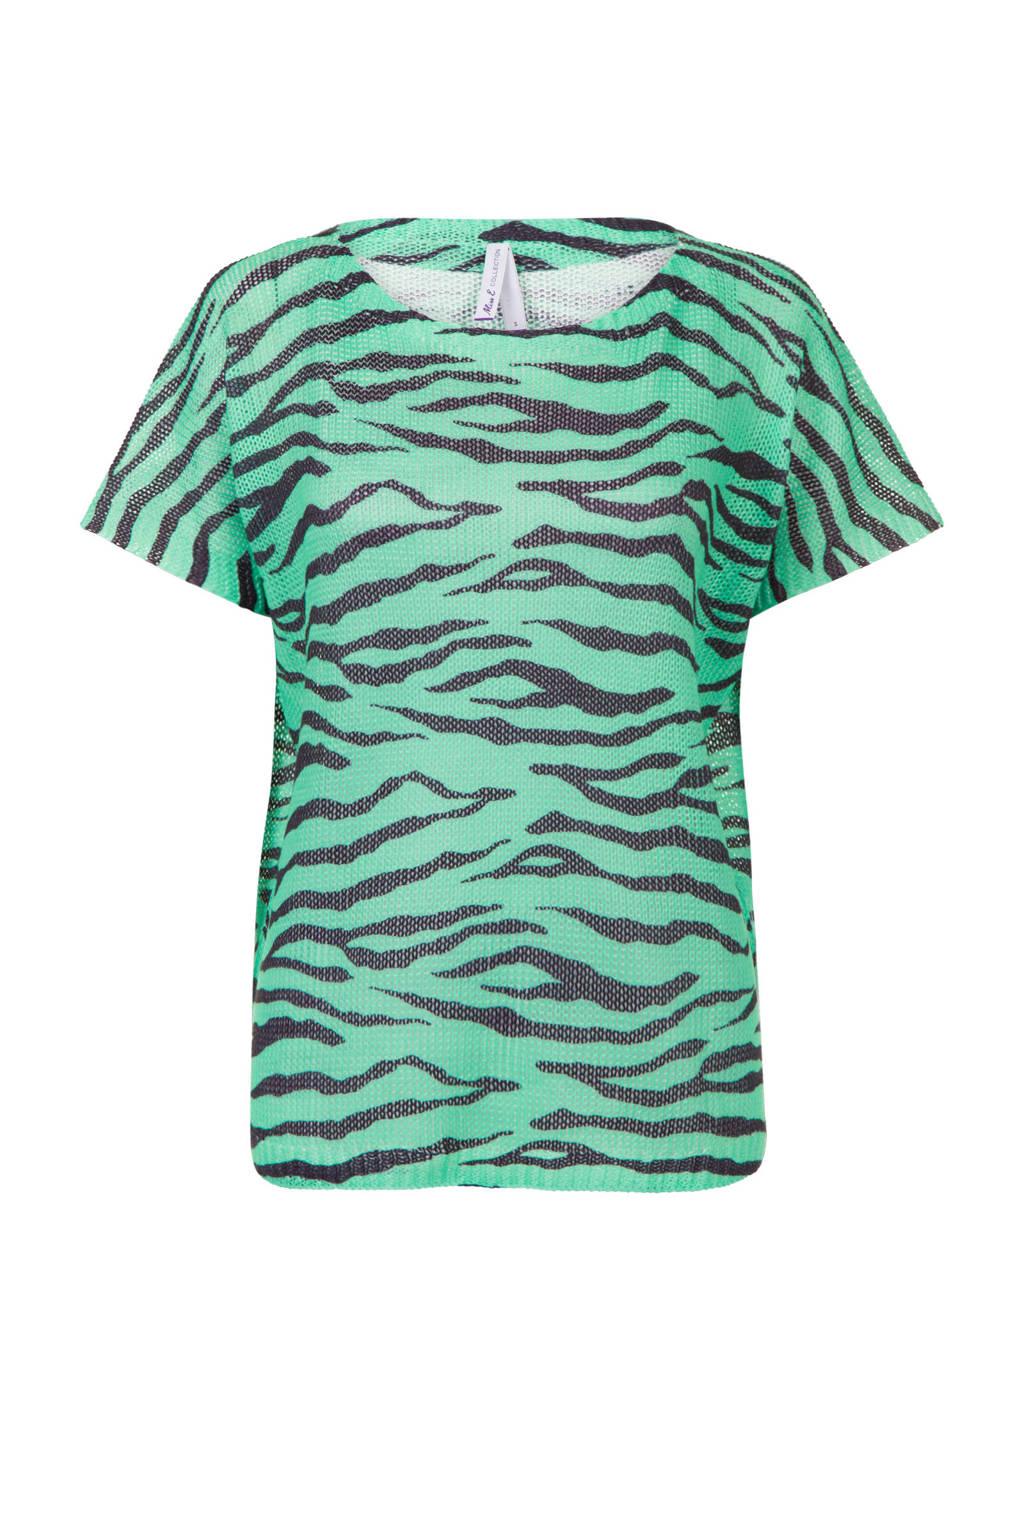 Miss Etam Regulier gebreide top met zebraprint groen/zwart, Groen/zwart